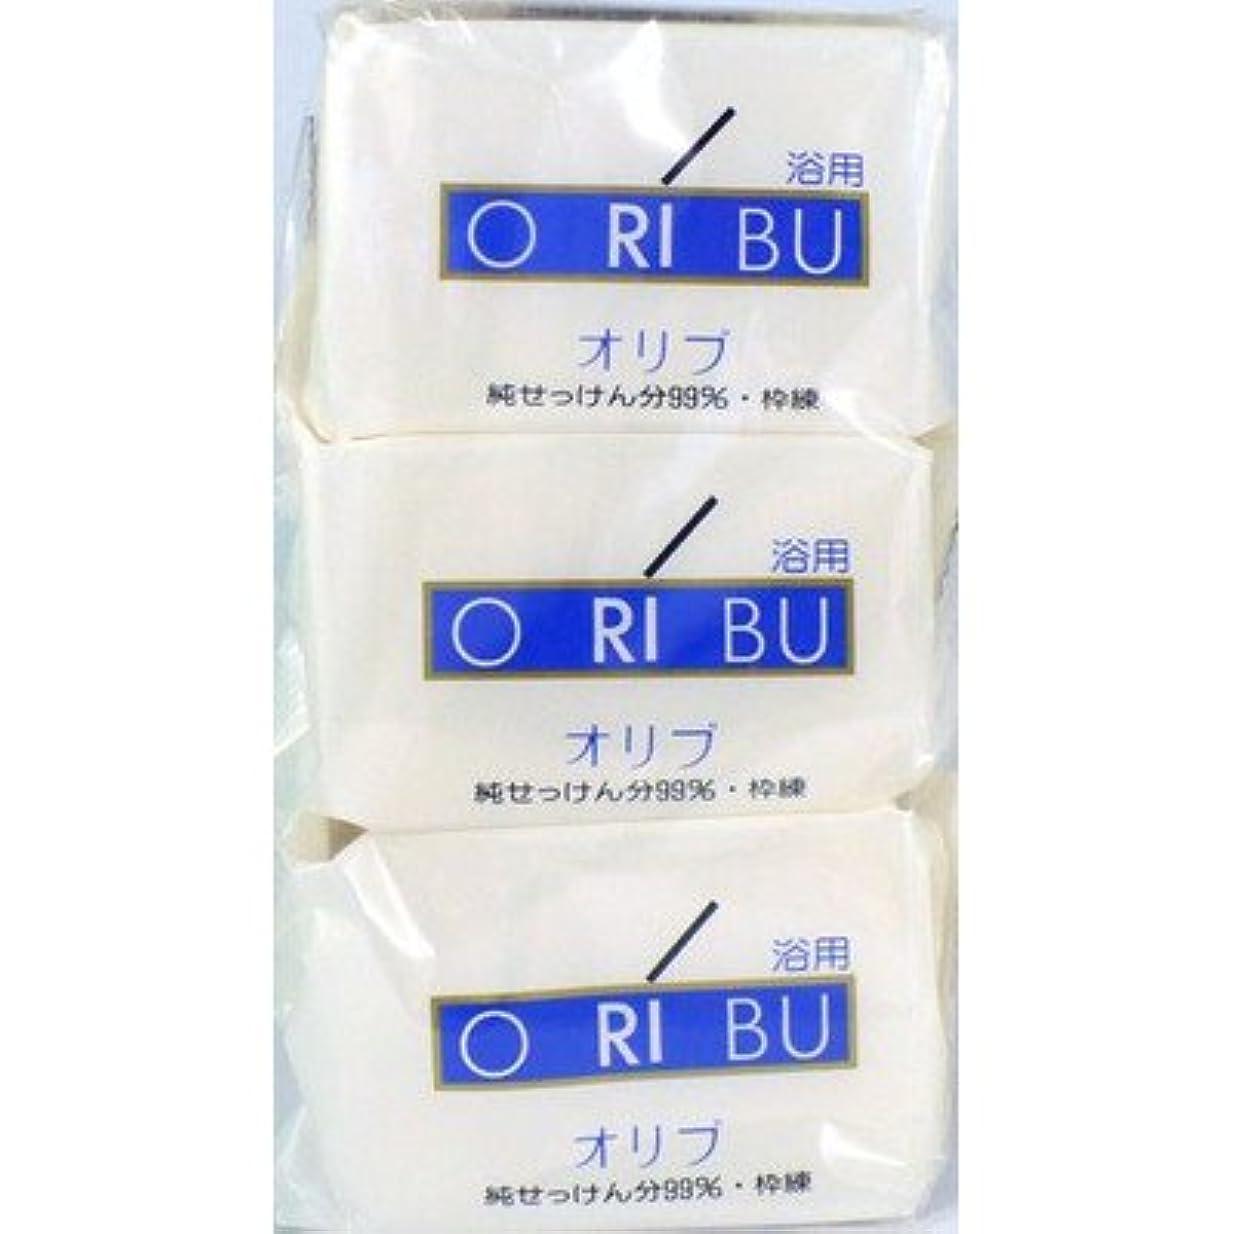 成長する変化無視暁石鹸 ORIBU オリブ 浴用石鹸 110g 3個入り